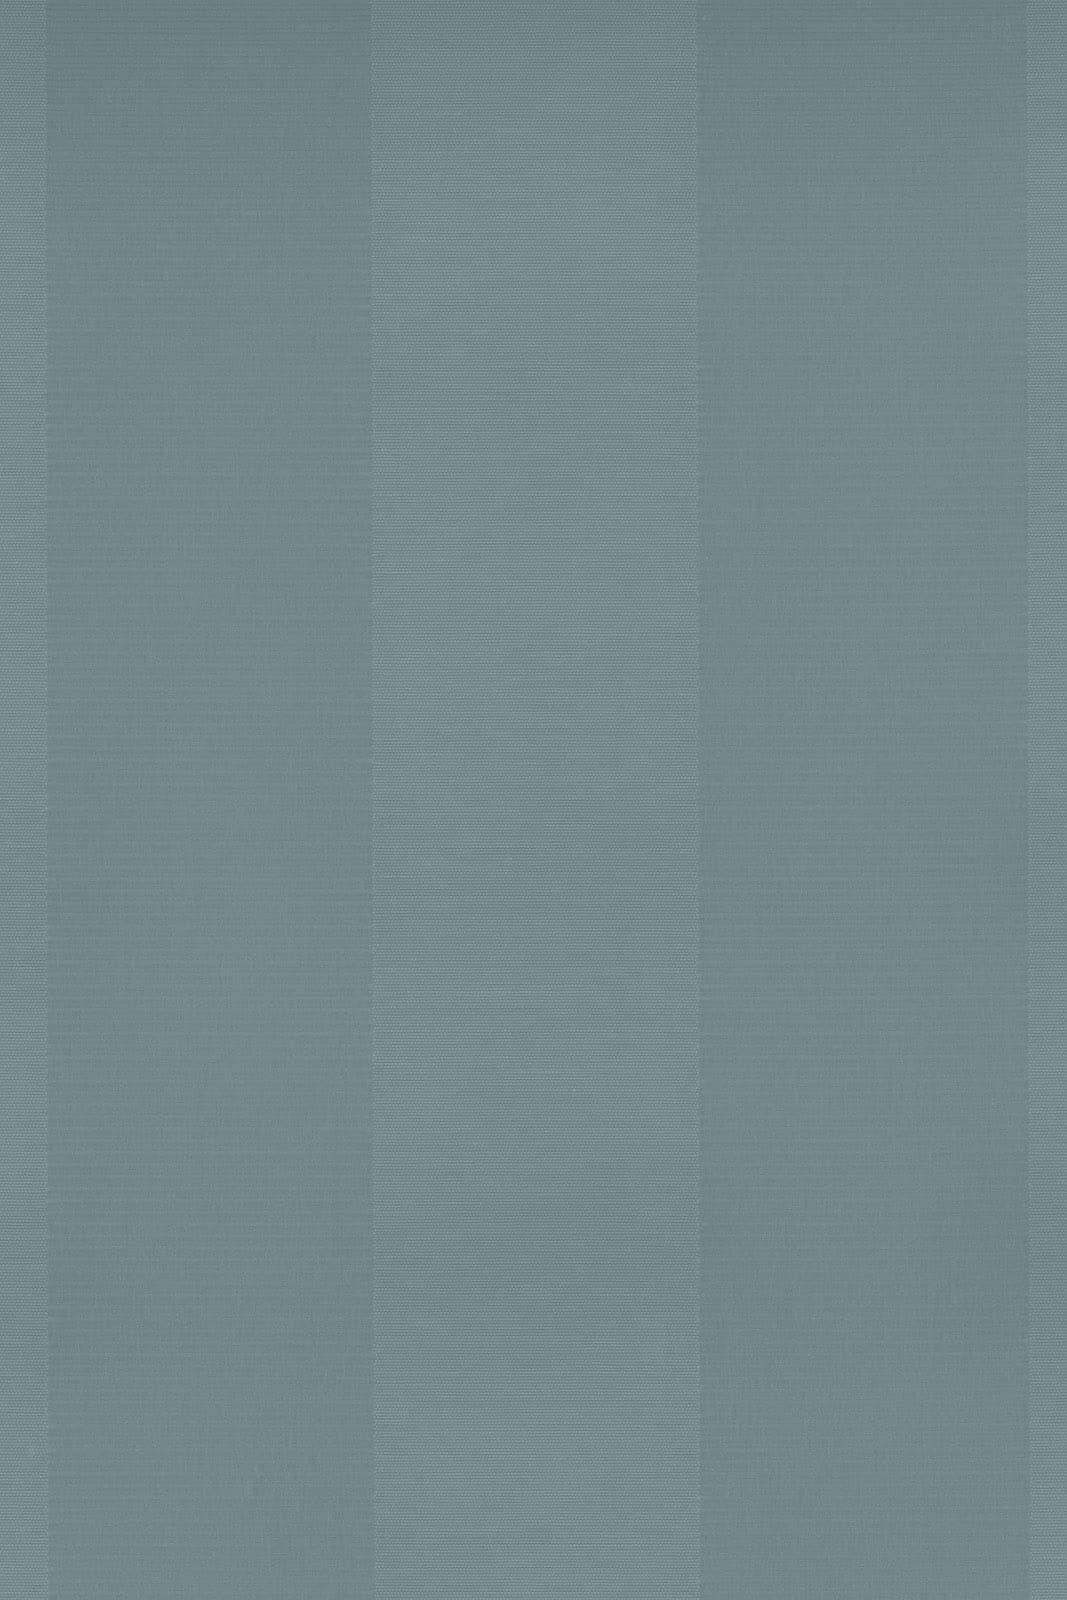 Cheapest Blinds Uk Ltd Neutral Green Striped Roller Blind